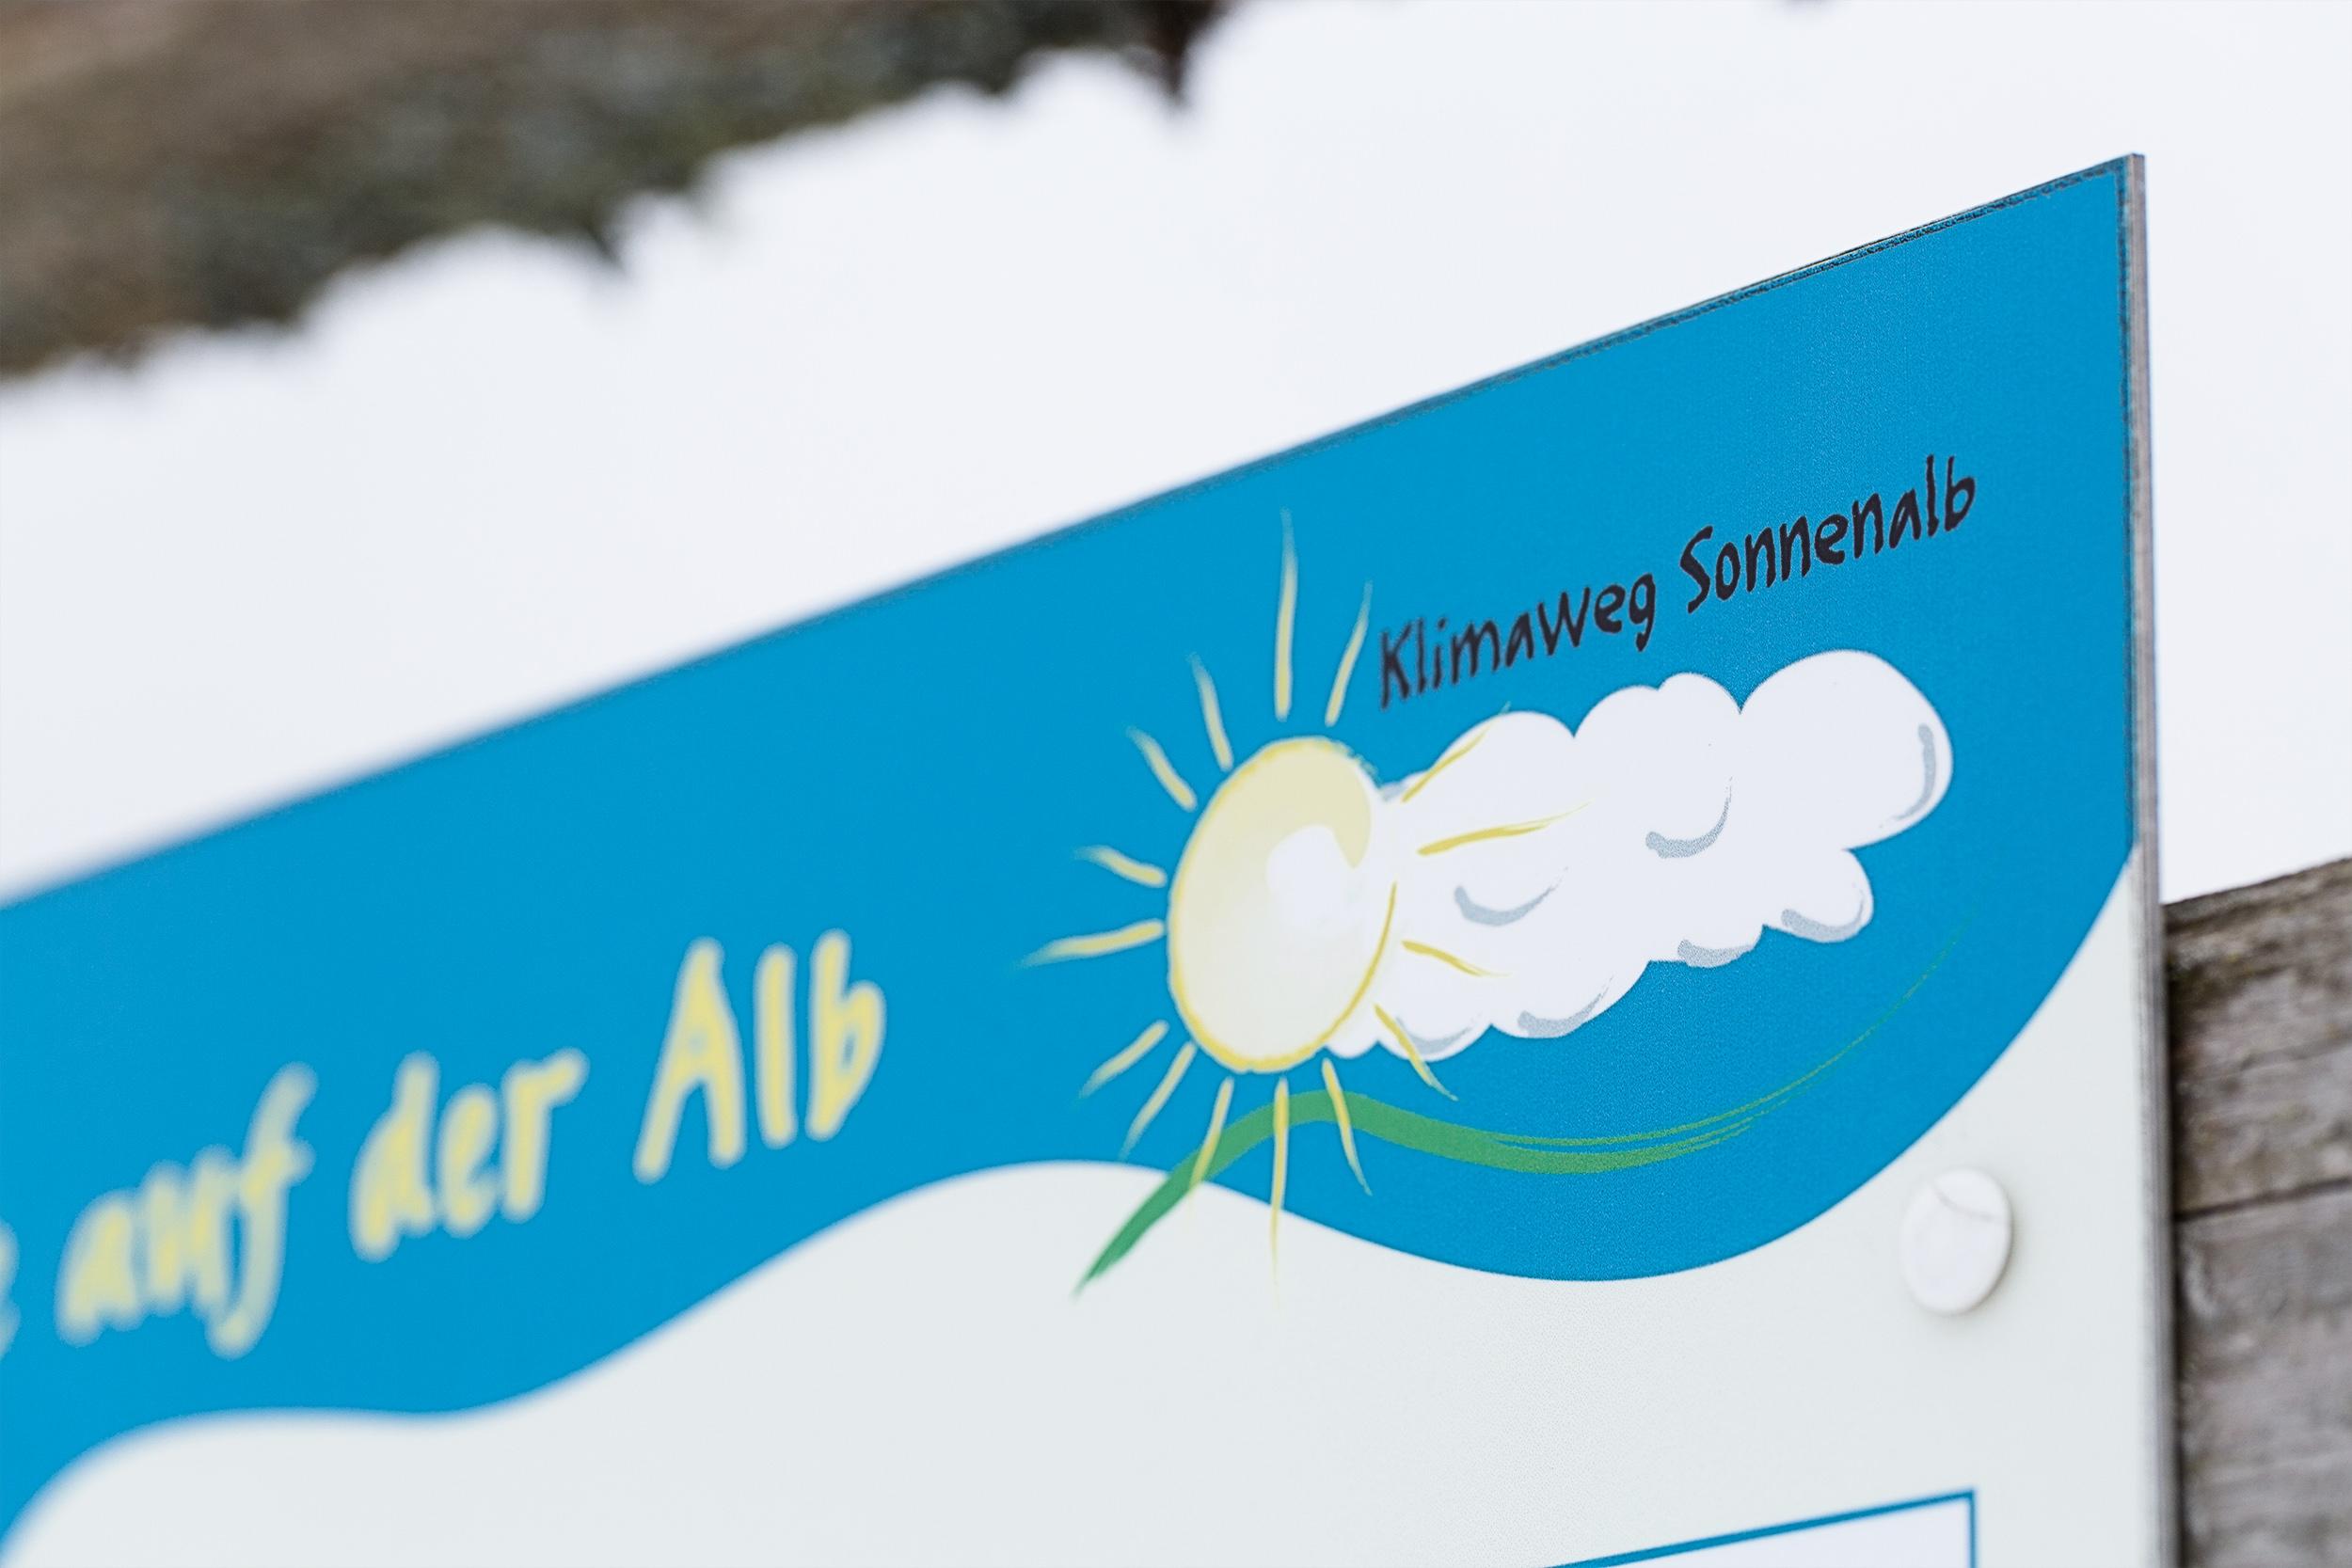 Schild zum Wanderweg 'Klimaweg Sonnenalb' bei Undingen.